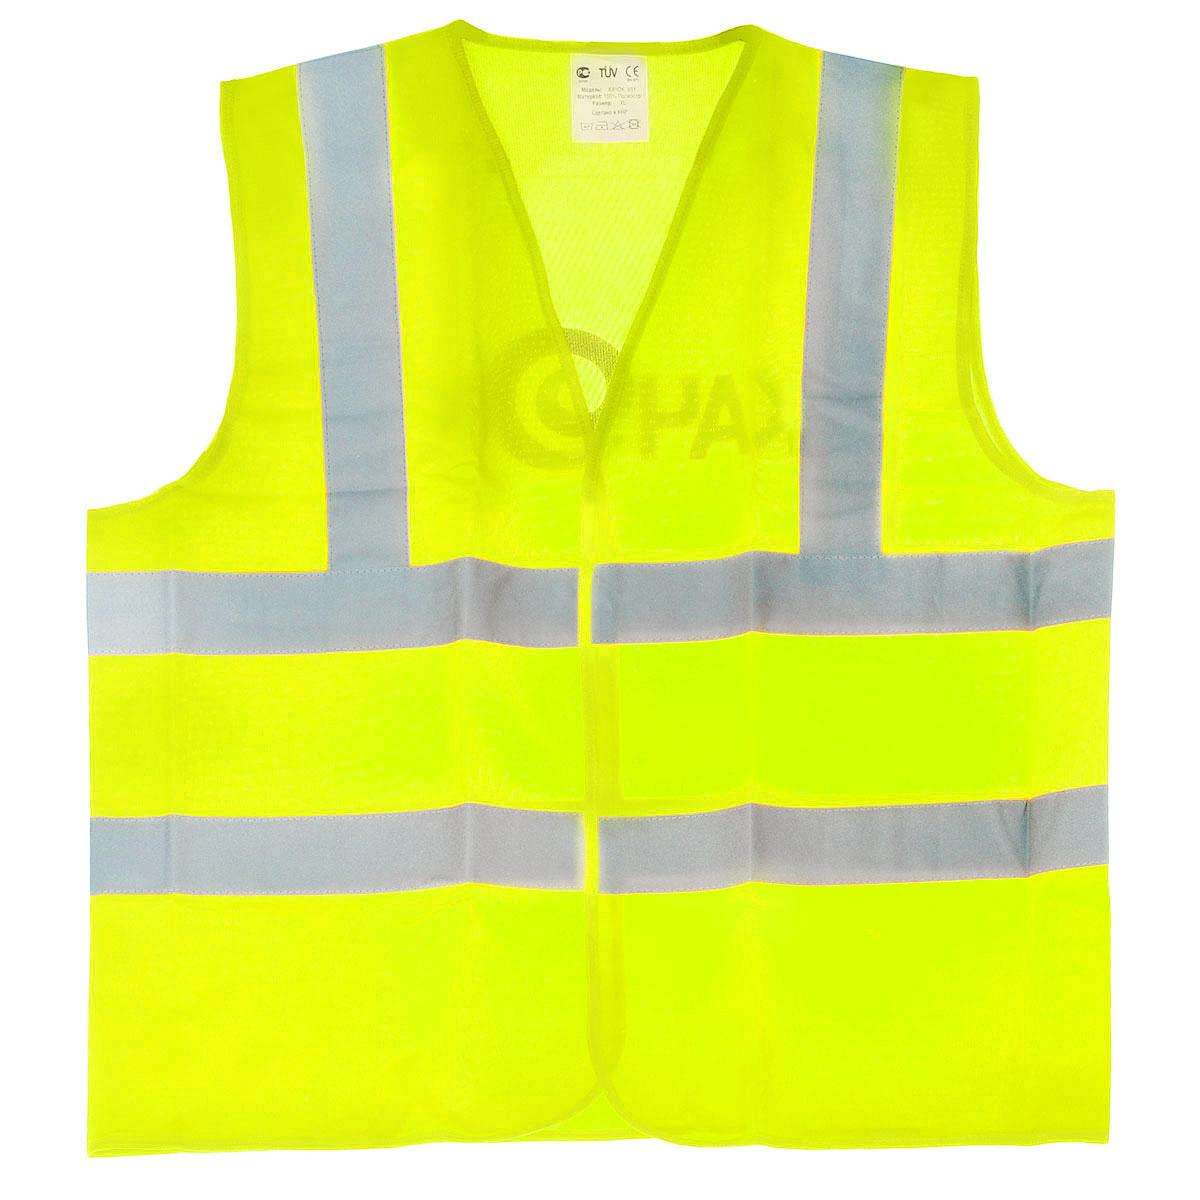 Жилет аварийный сигнальный  Качок V11, цвет: желтый. Размер XL